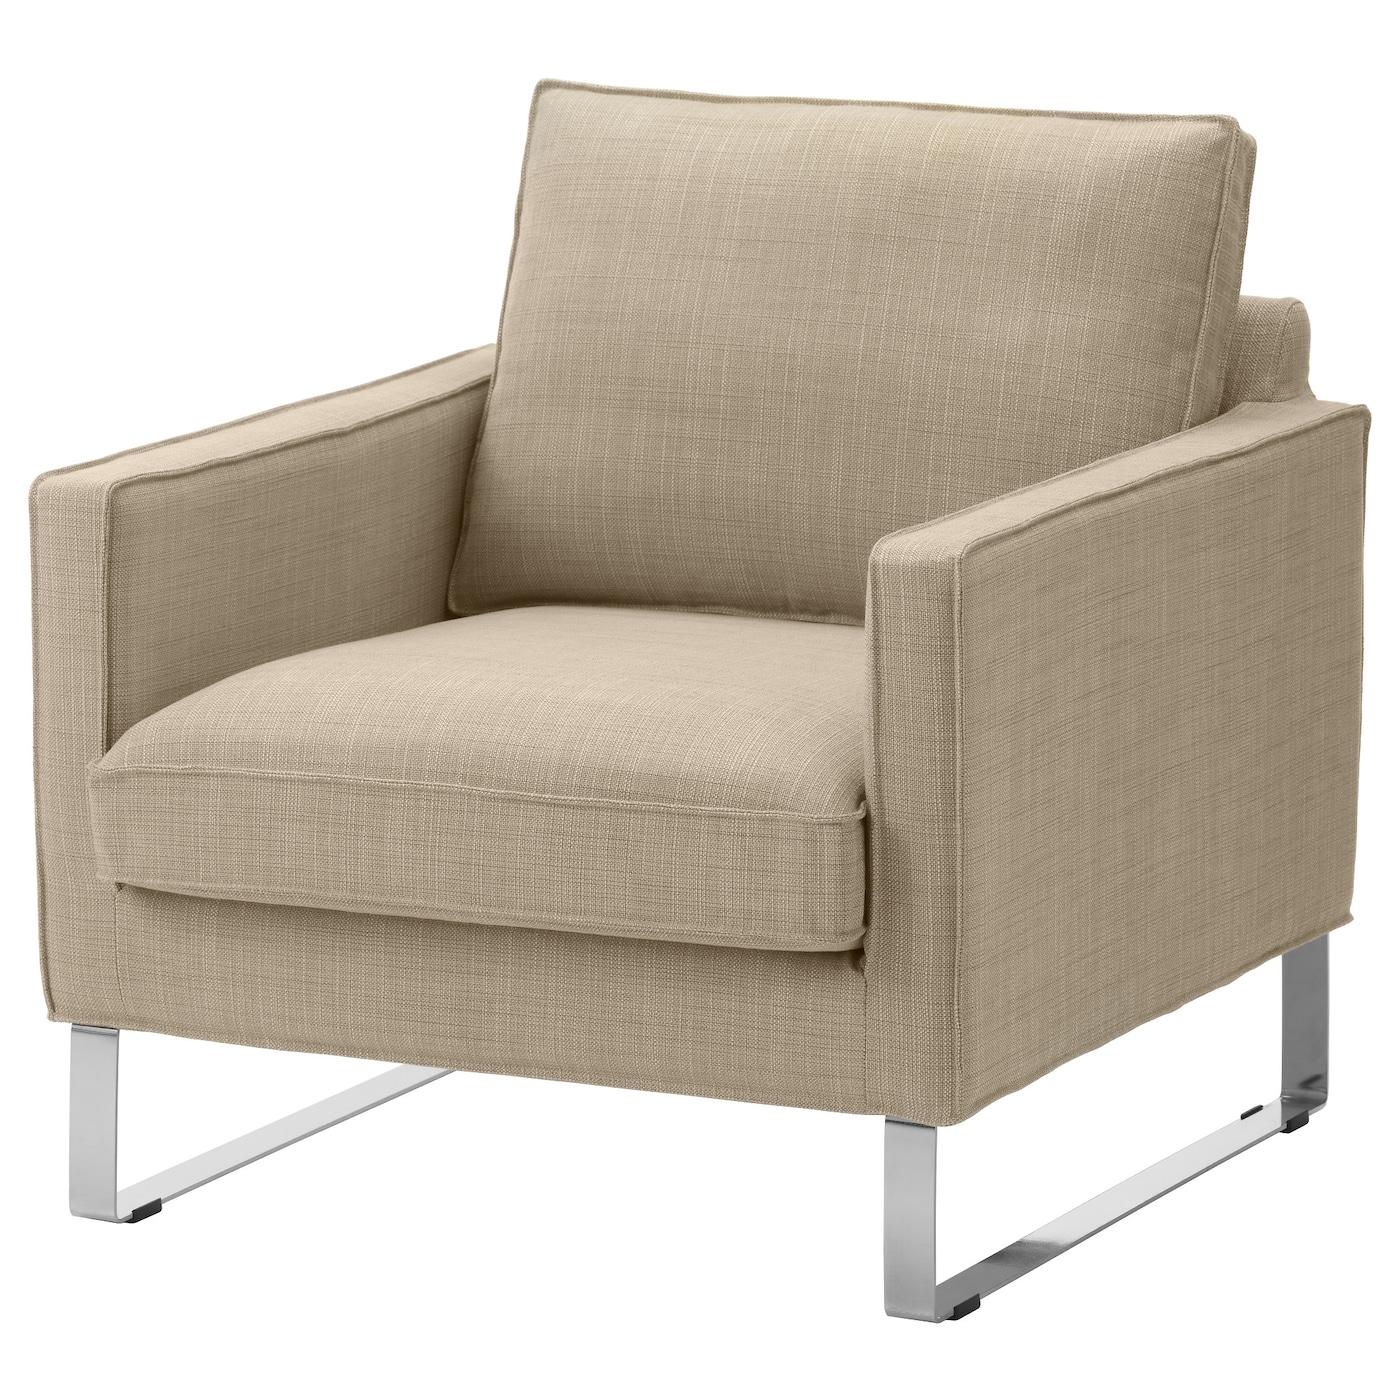 mellby armchair isunda beige ikea. Black Bedroom Furniture Sets. Home Design Ideas